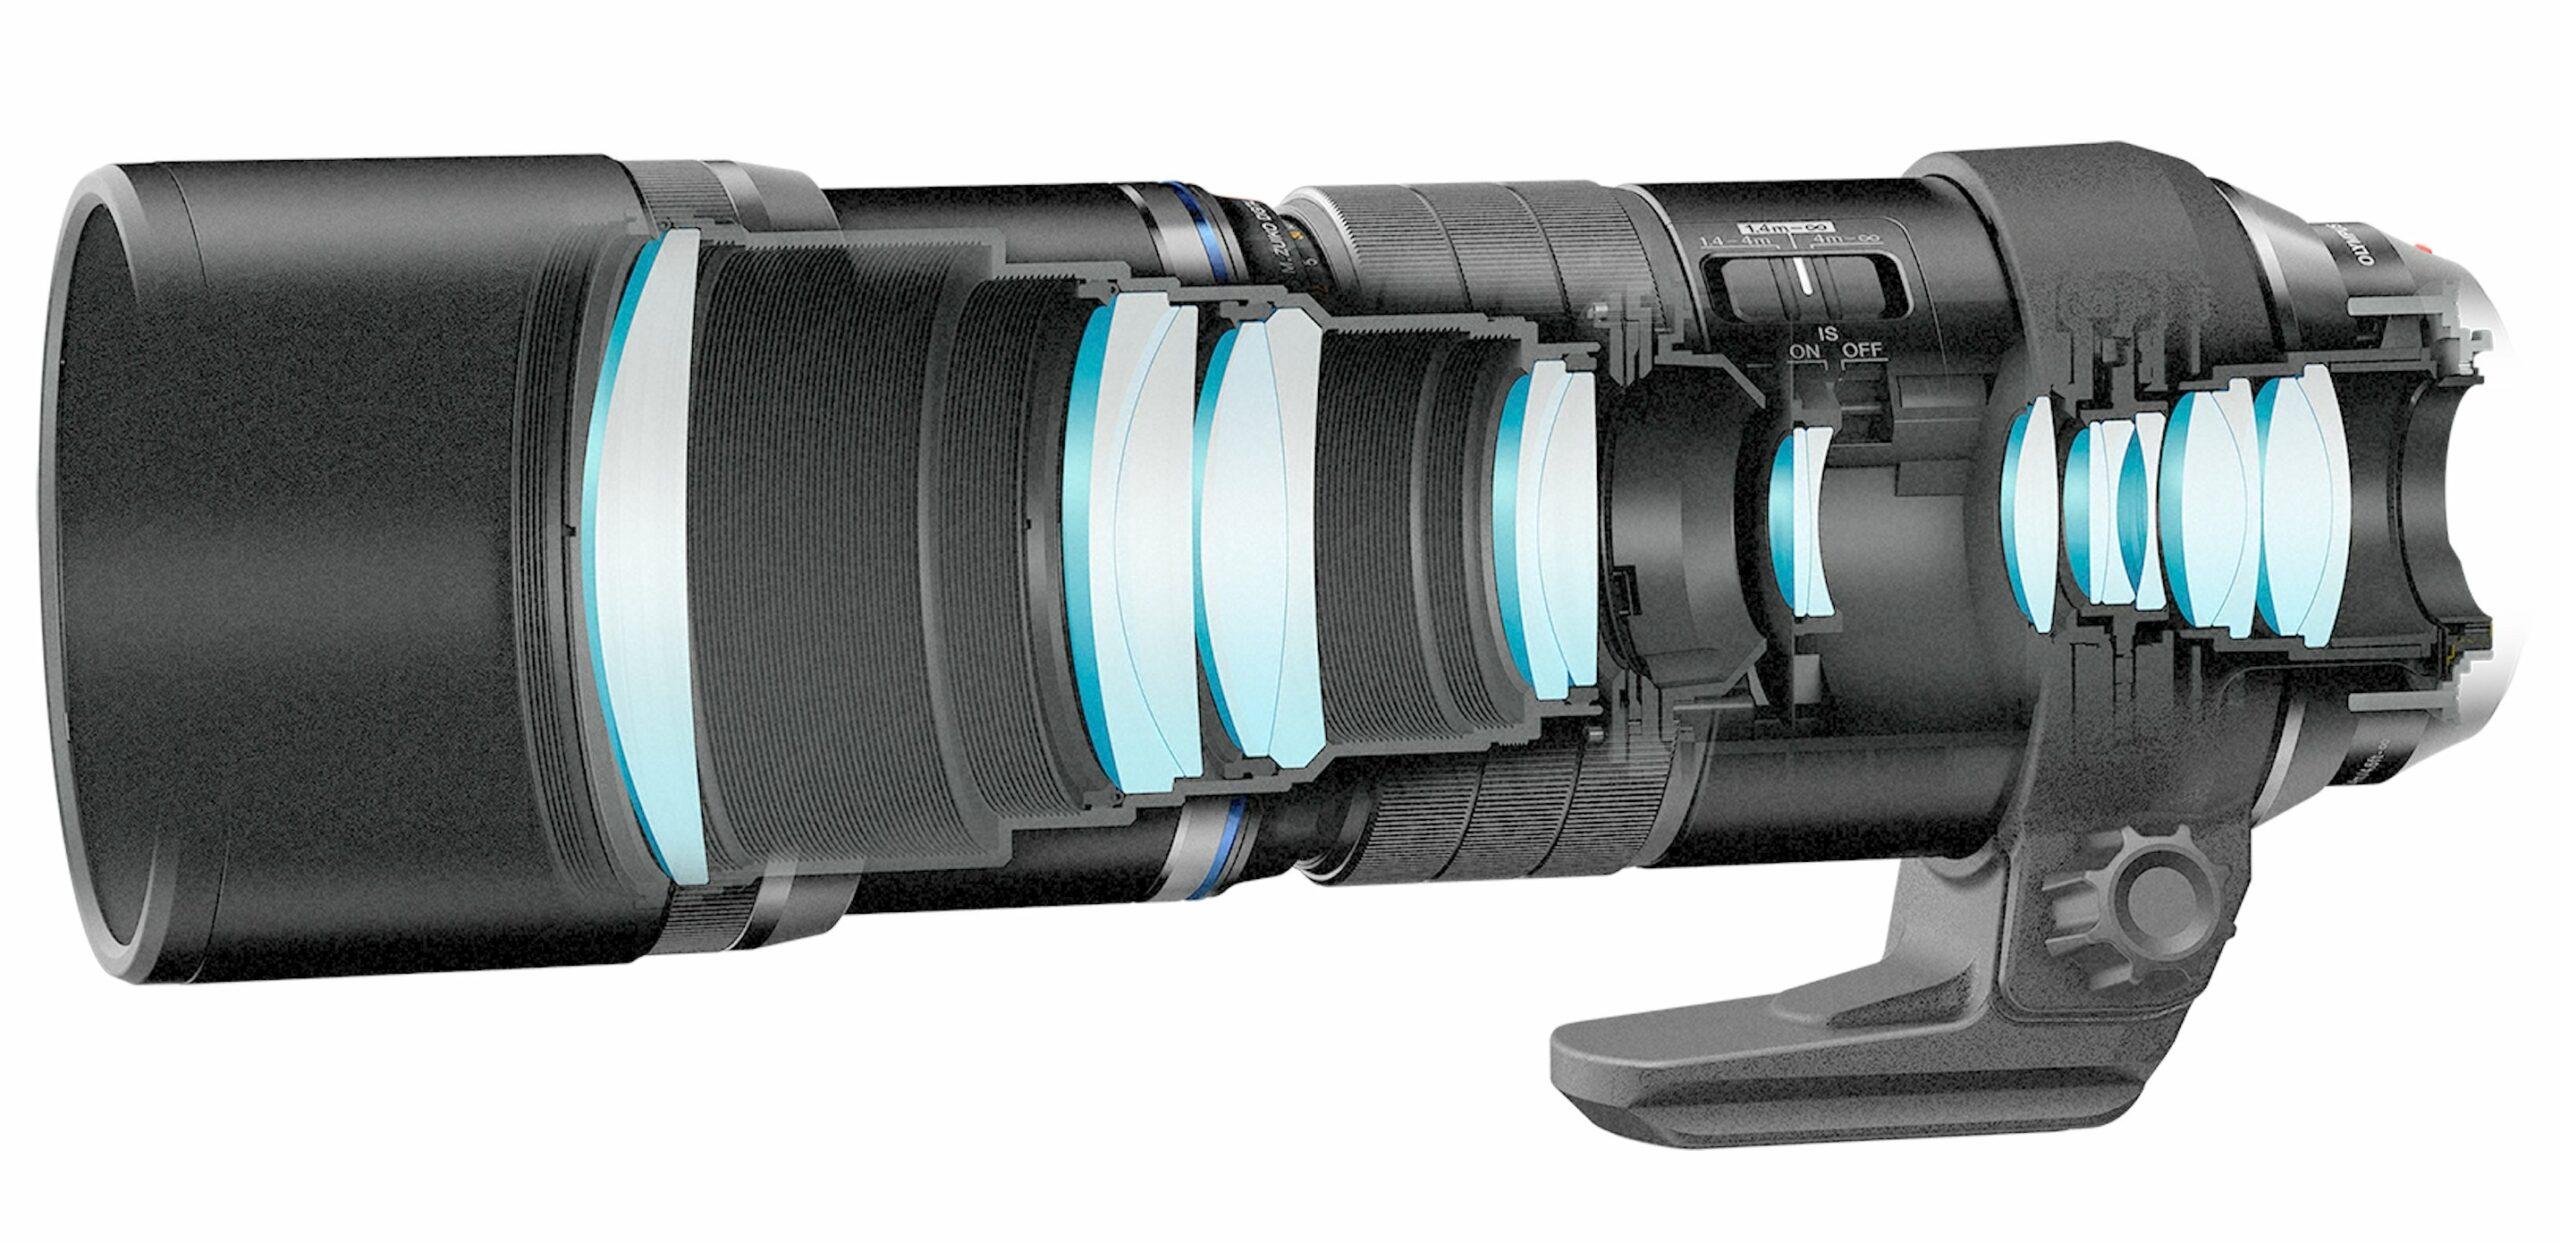 300mm f/4 IS Pro